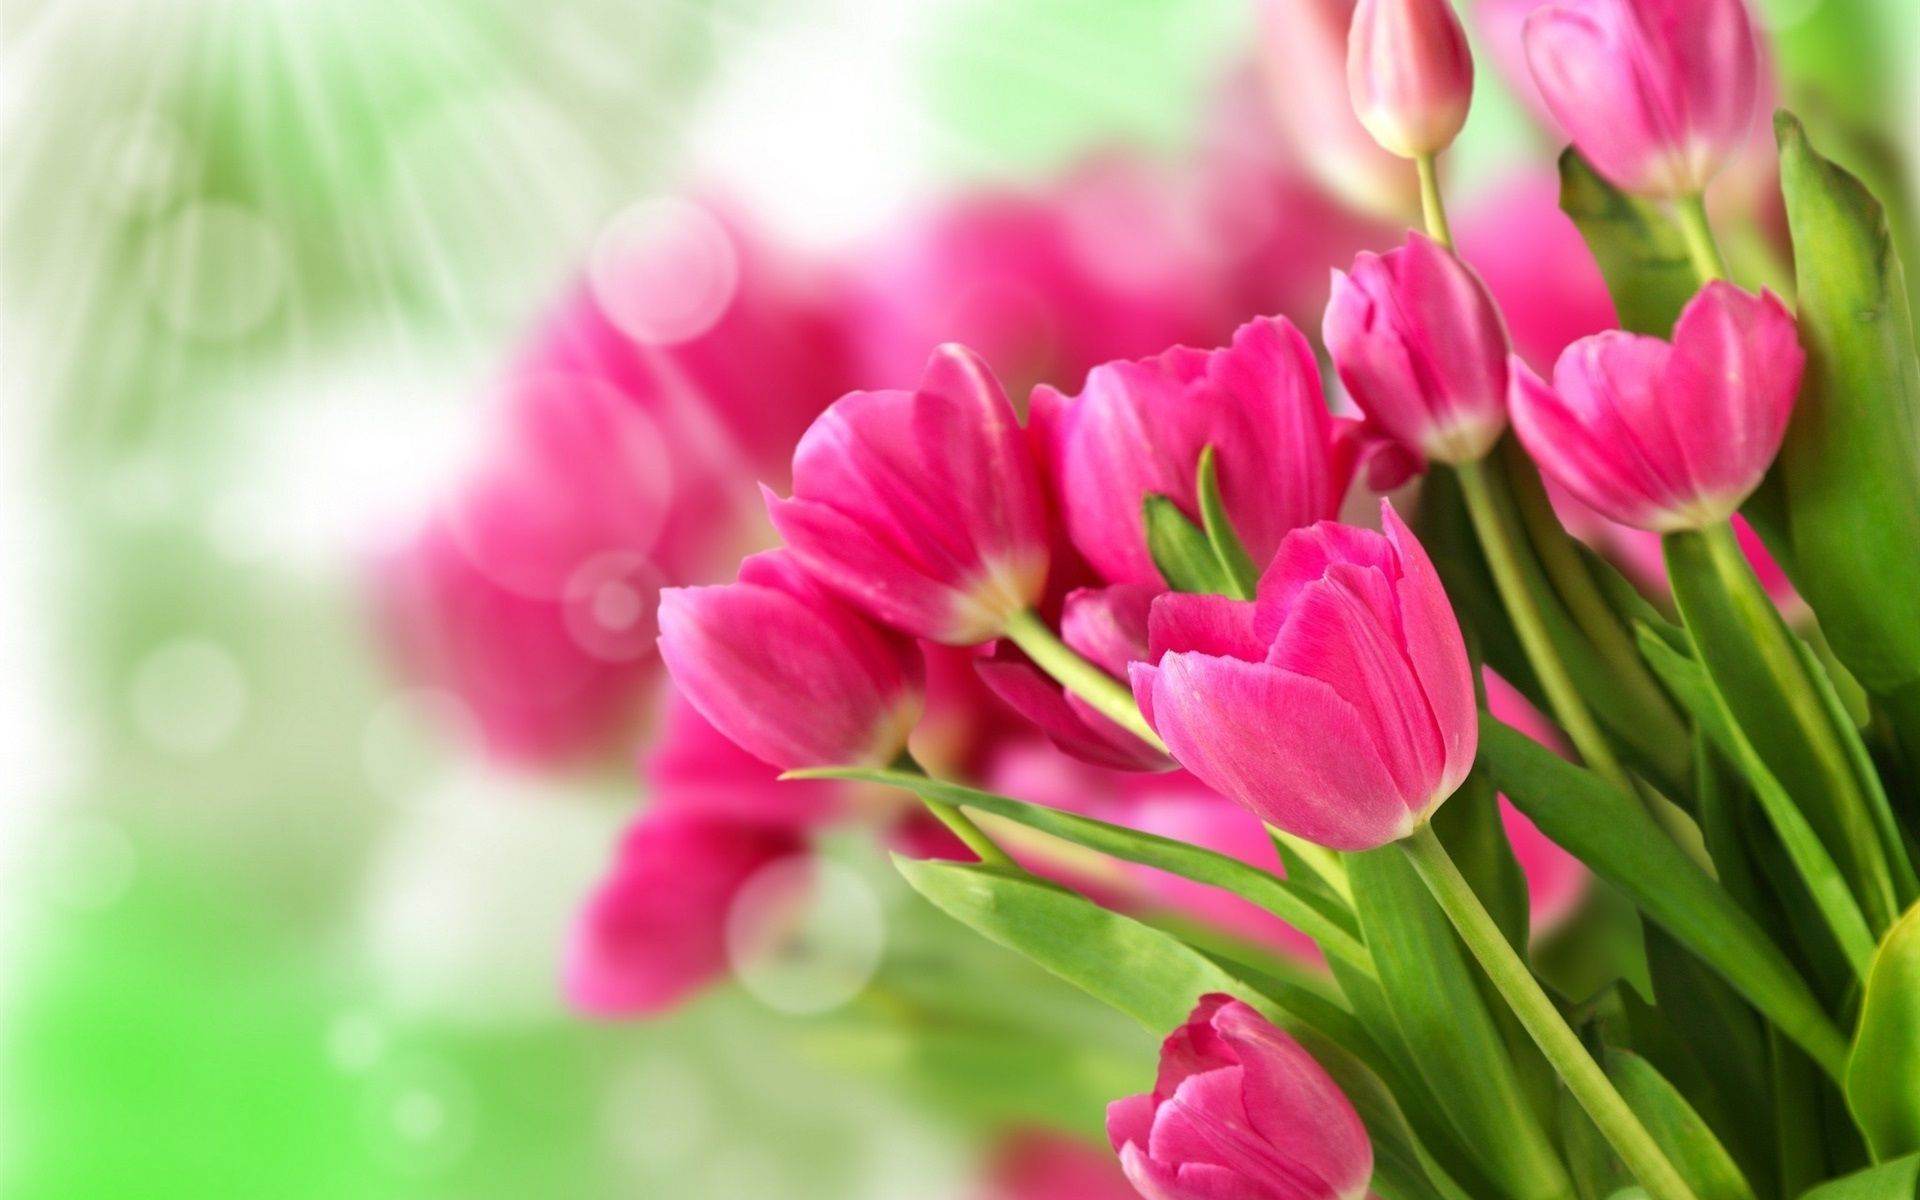 花束ピンクの花 チューリップ 日光 壁紙 1920x1200 ピンクの